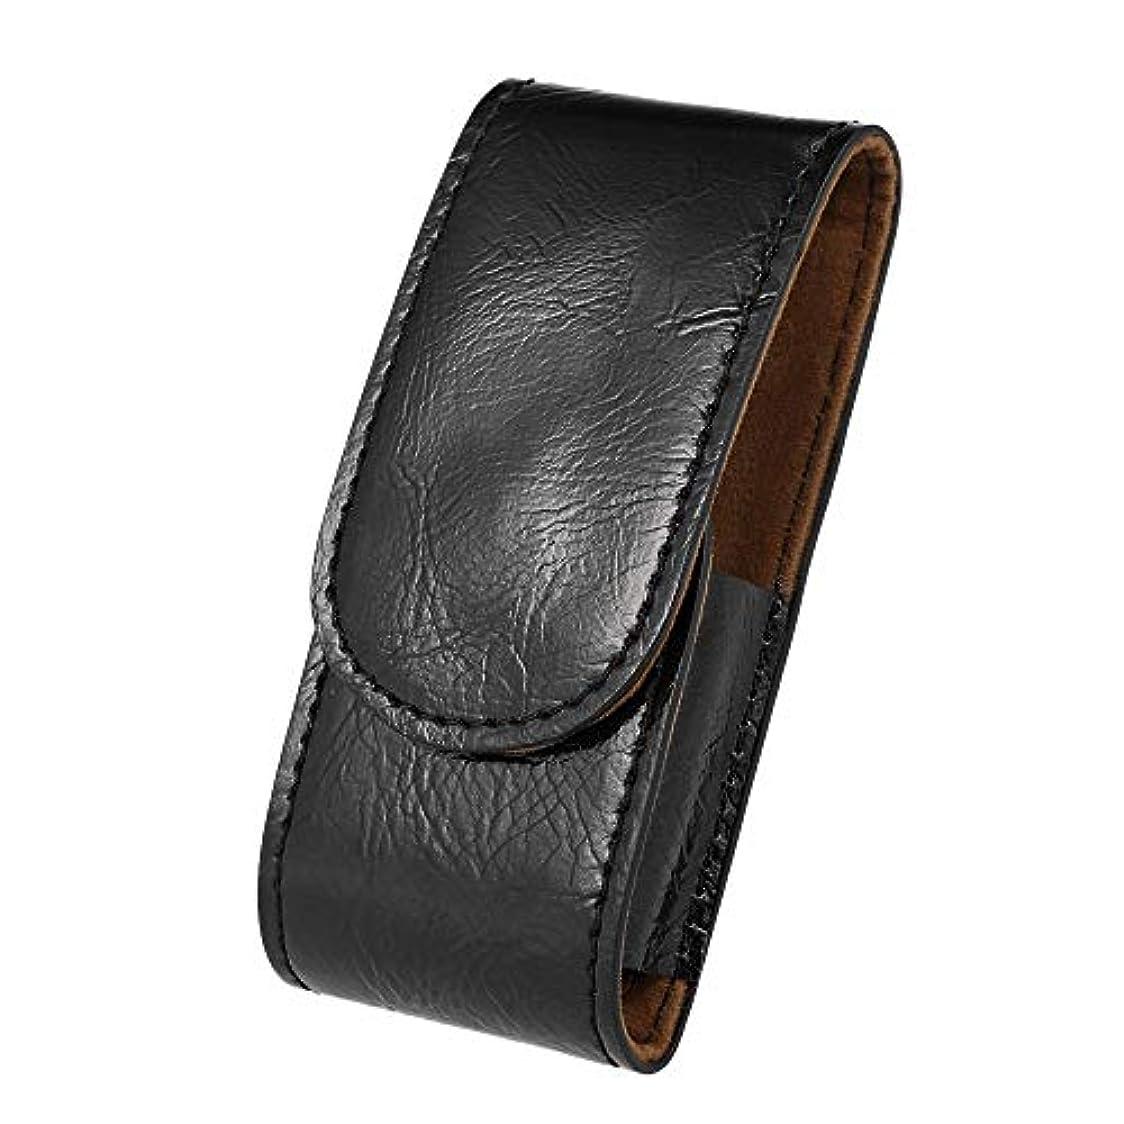 勃起ルーフ楽しませるMen PU Leather Razor Pouch Shave Beard Shaver Handbag Pouch Safety Razor Case Storage Bag Double Edge Razor Holder